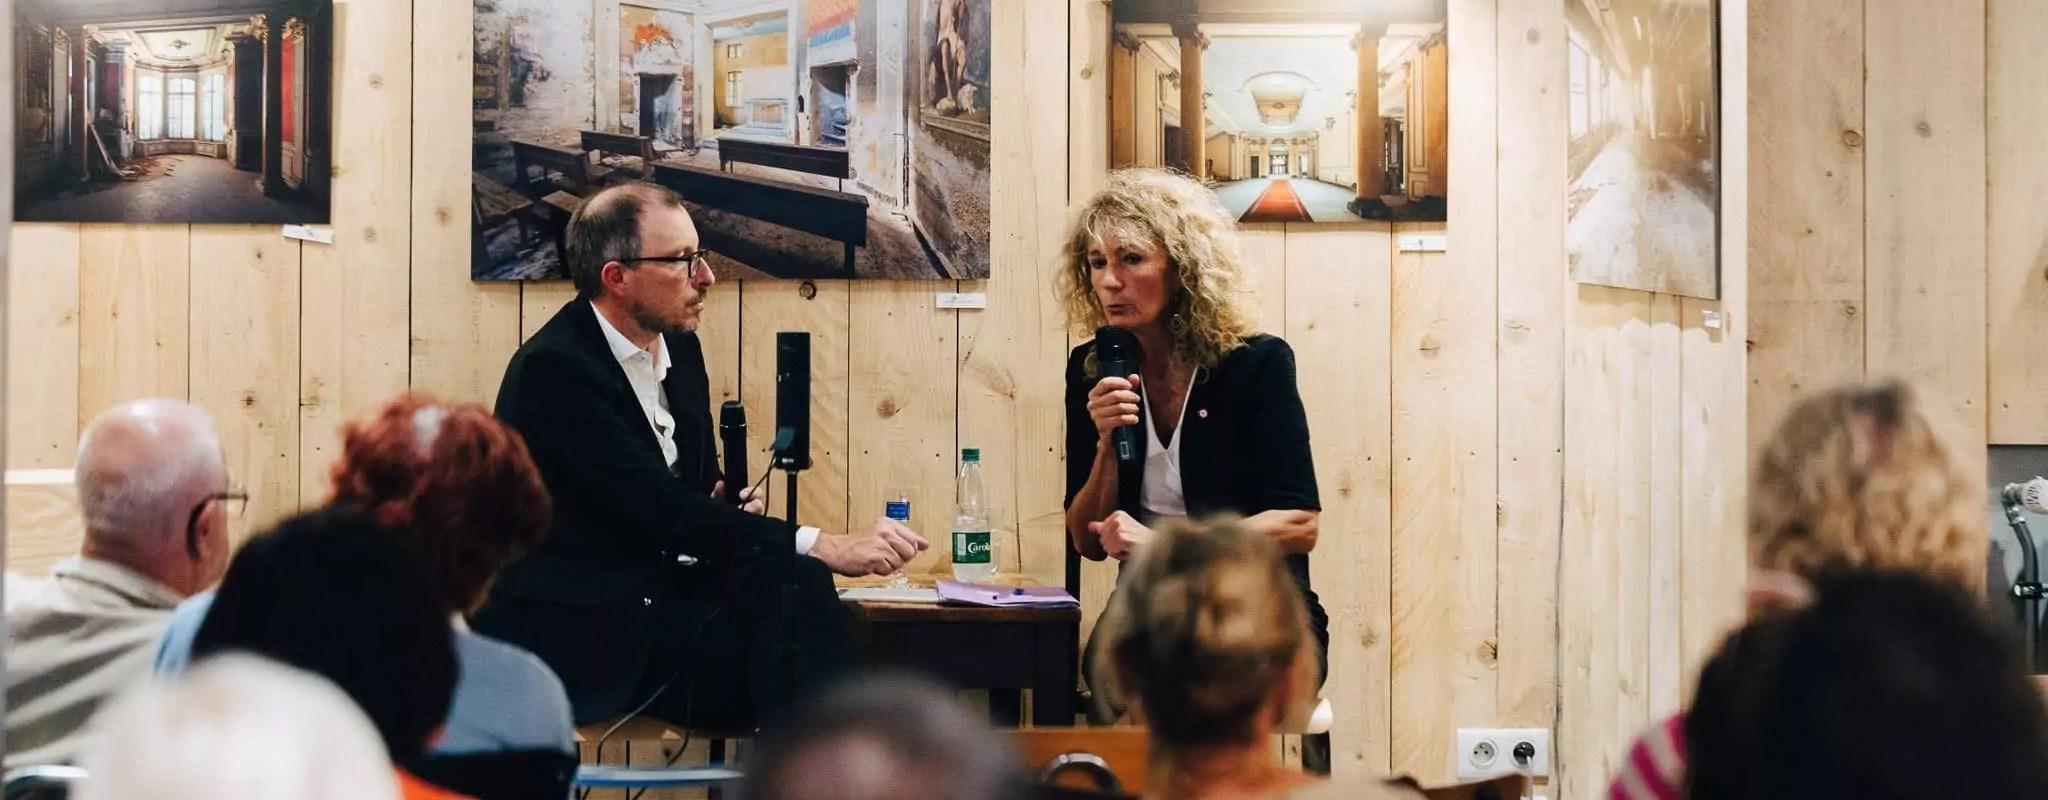 Martine Wonner était notre invitée de l'apéro, retrouvez l'interview réalisée en direct